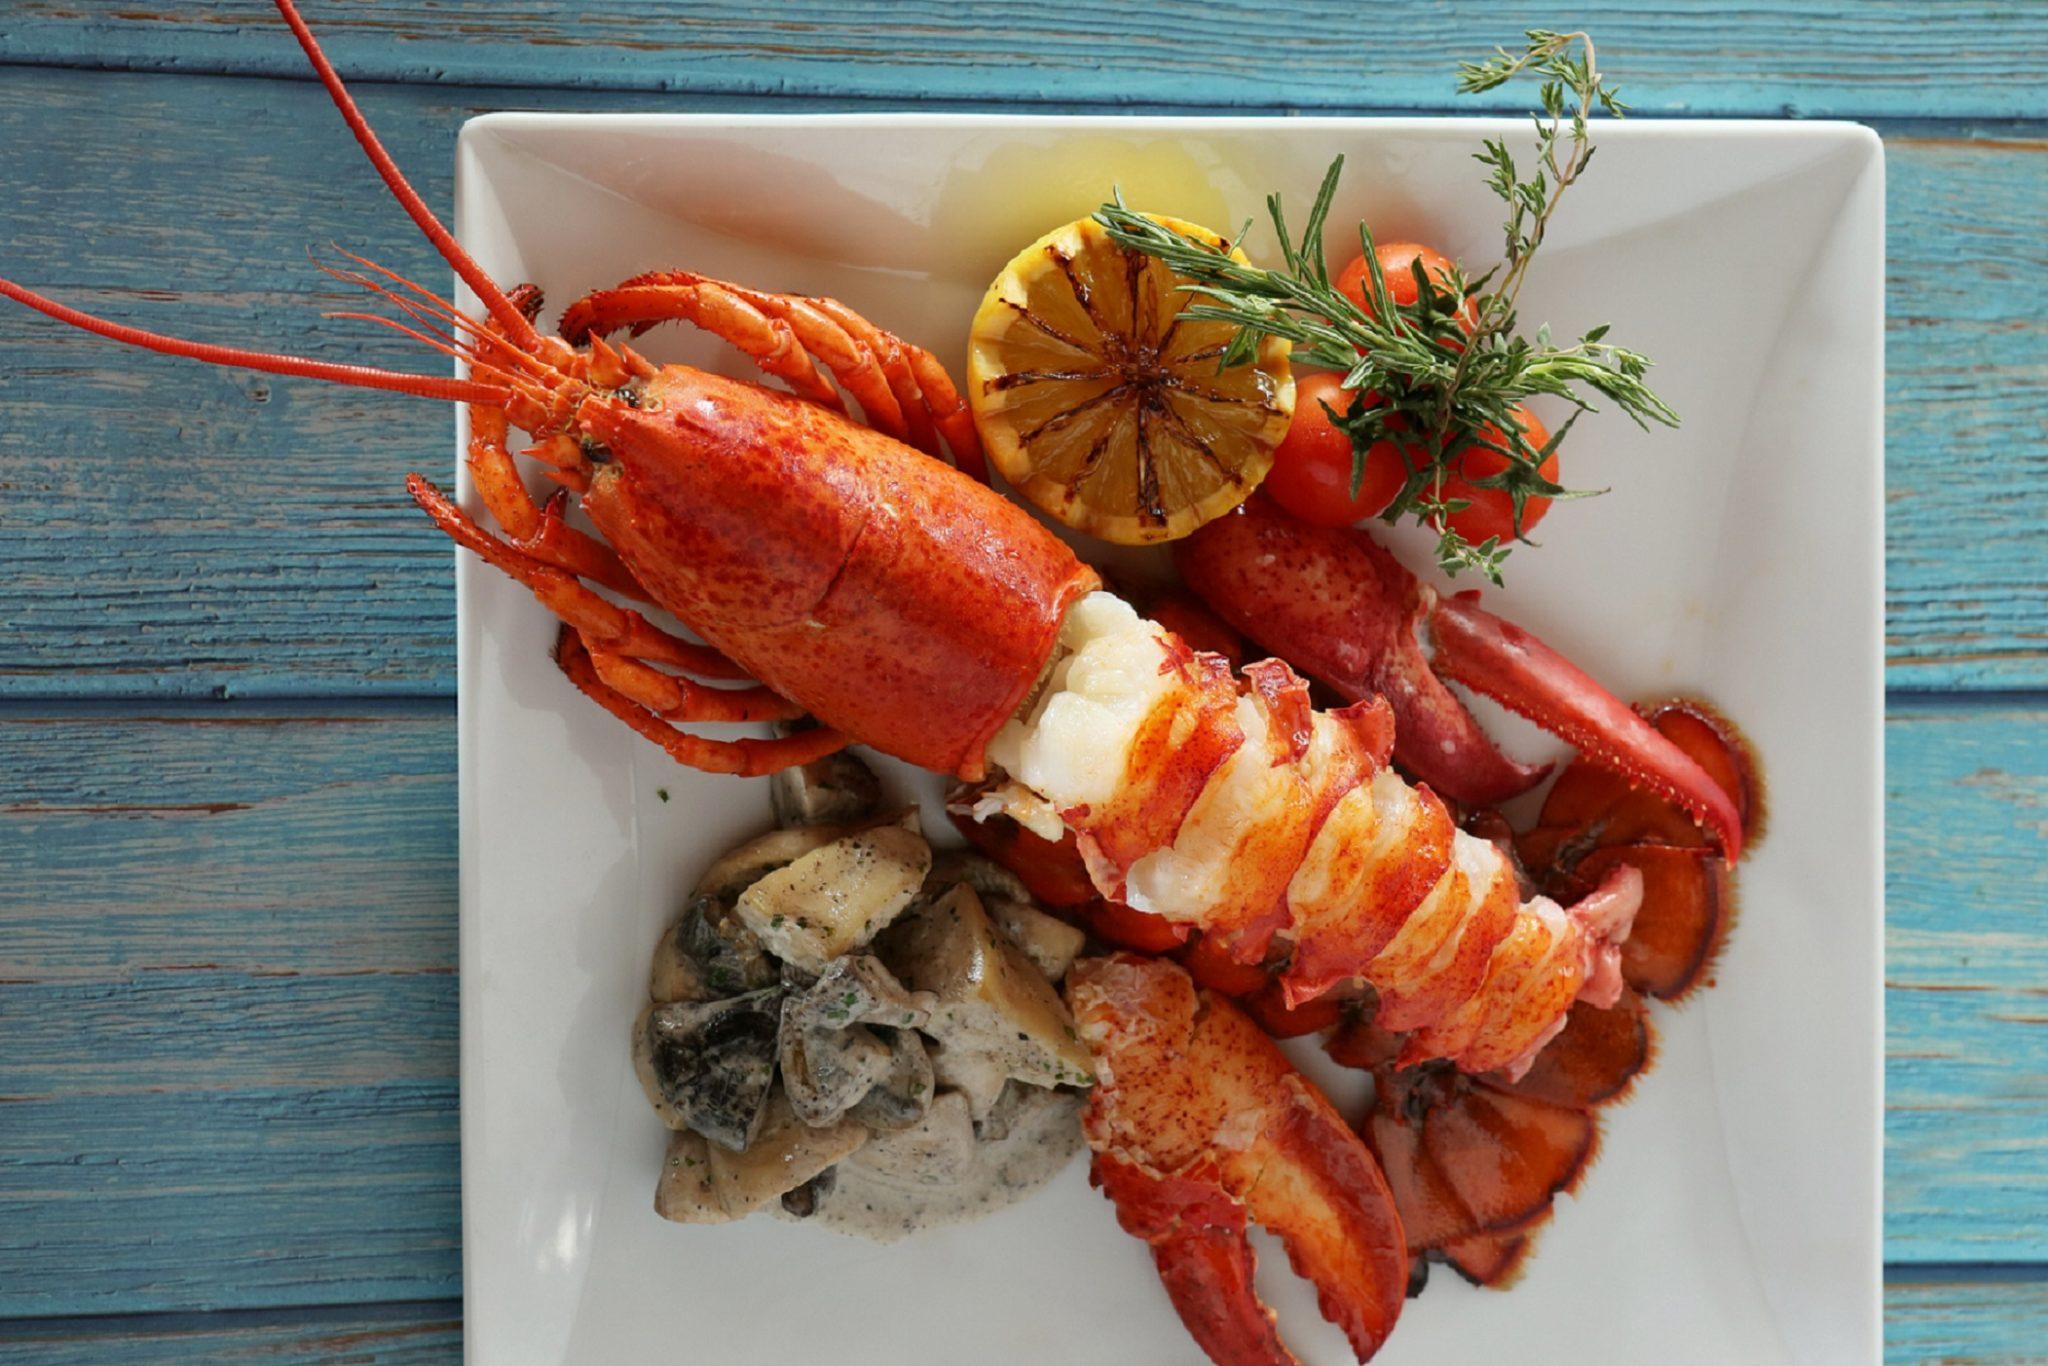 ล็อบสเตอร์เนื้อแน่นพร้อมเสิร์ฟจากทะเล ณ ห้องอาหารจิออร์จิโอ 13 -